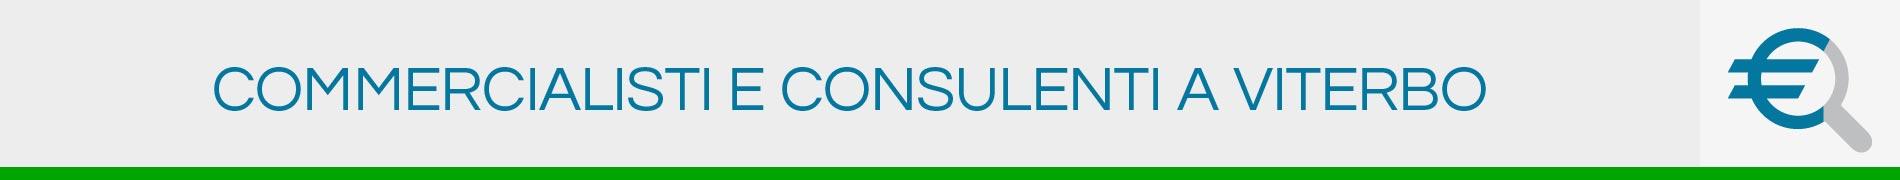 Commercialisti e Consulenti a Viterbo